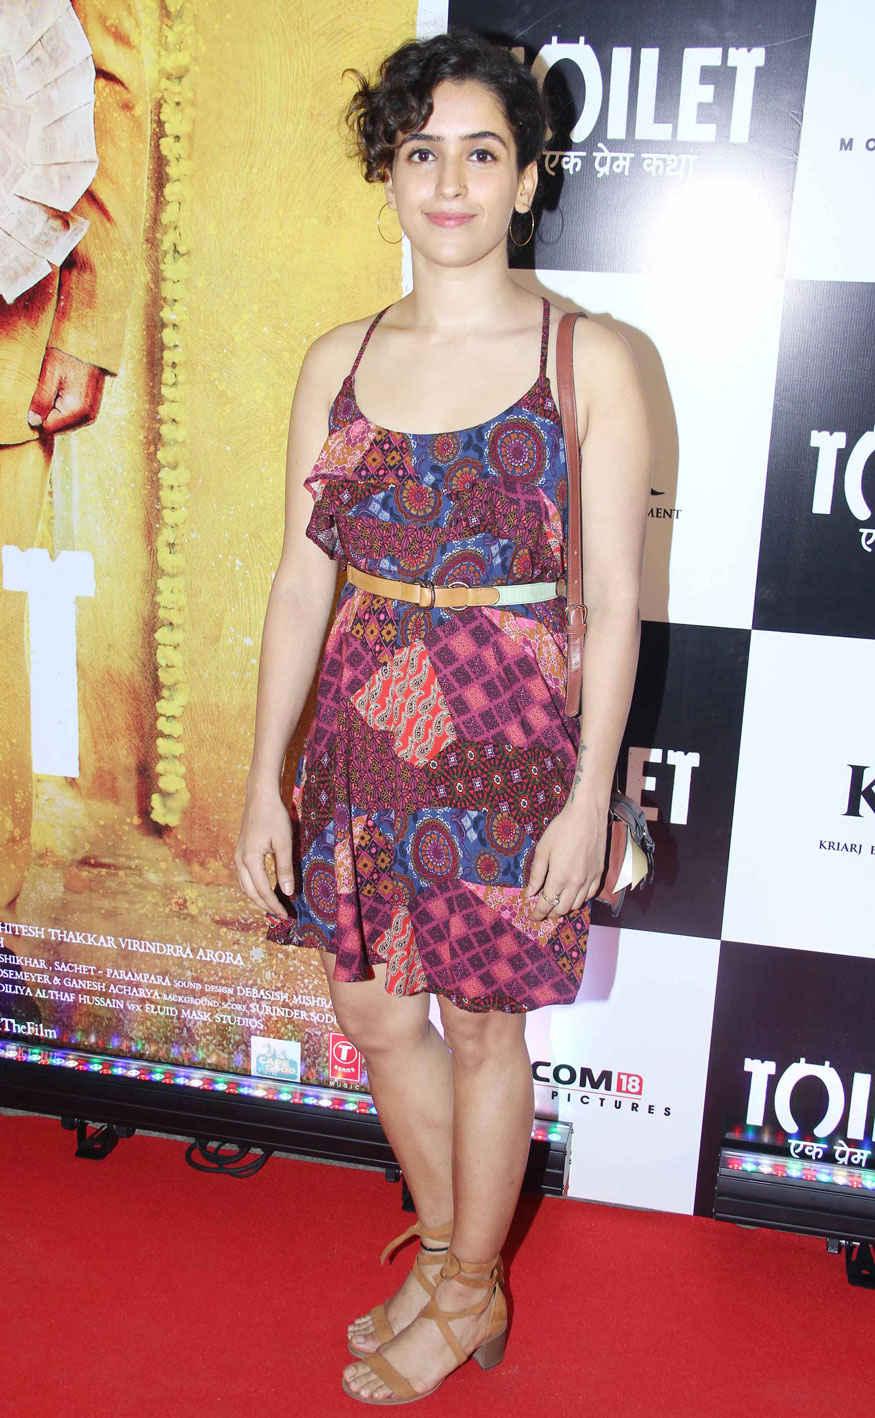 Bollywood Celebrities at 'Toilet: Ek Prem Katha' Special Screening